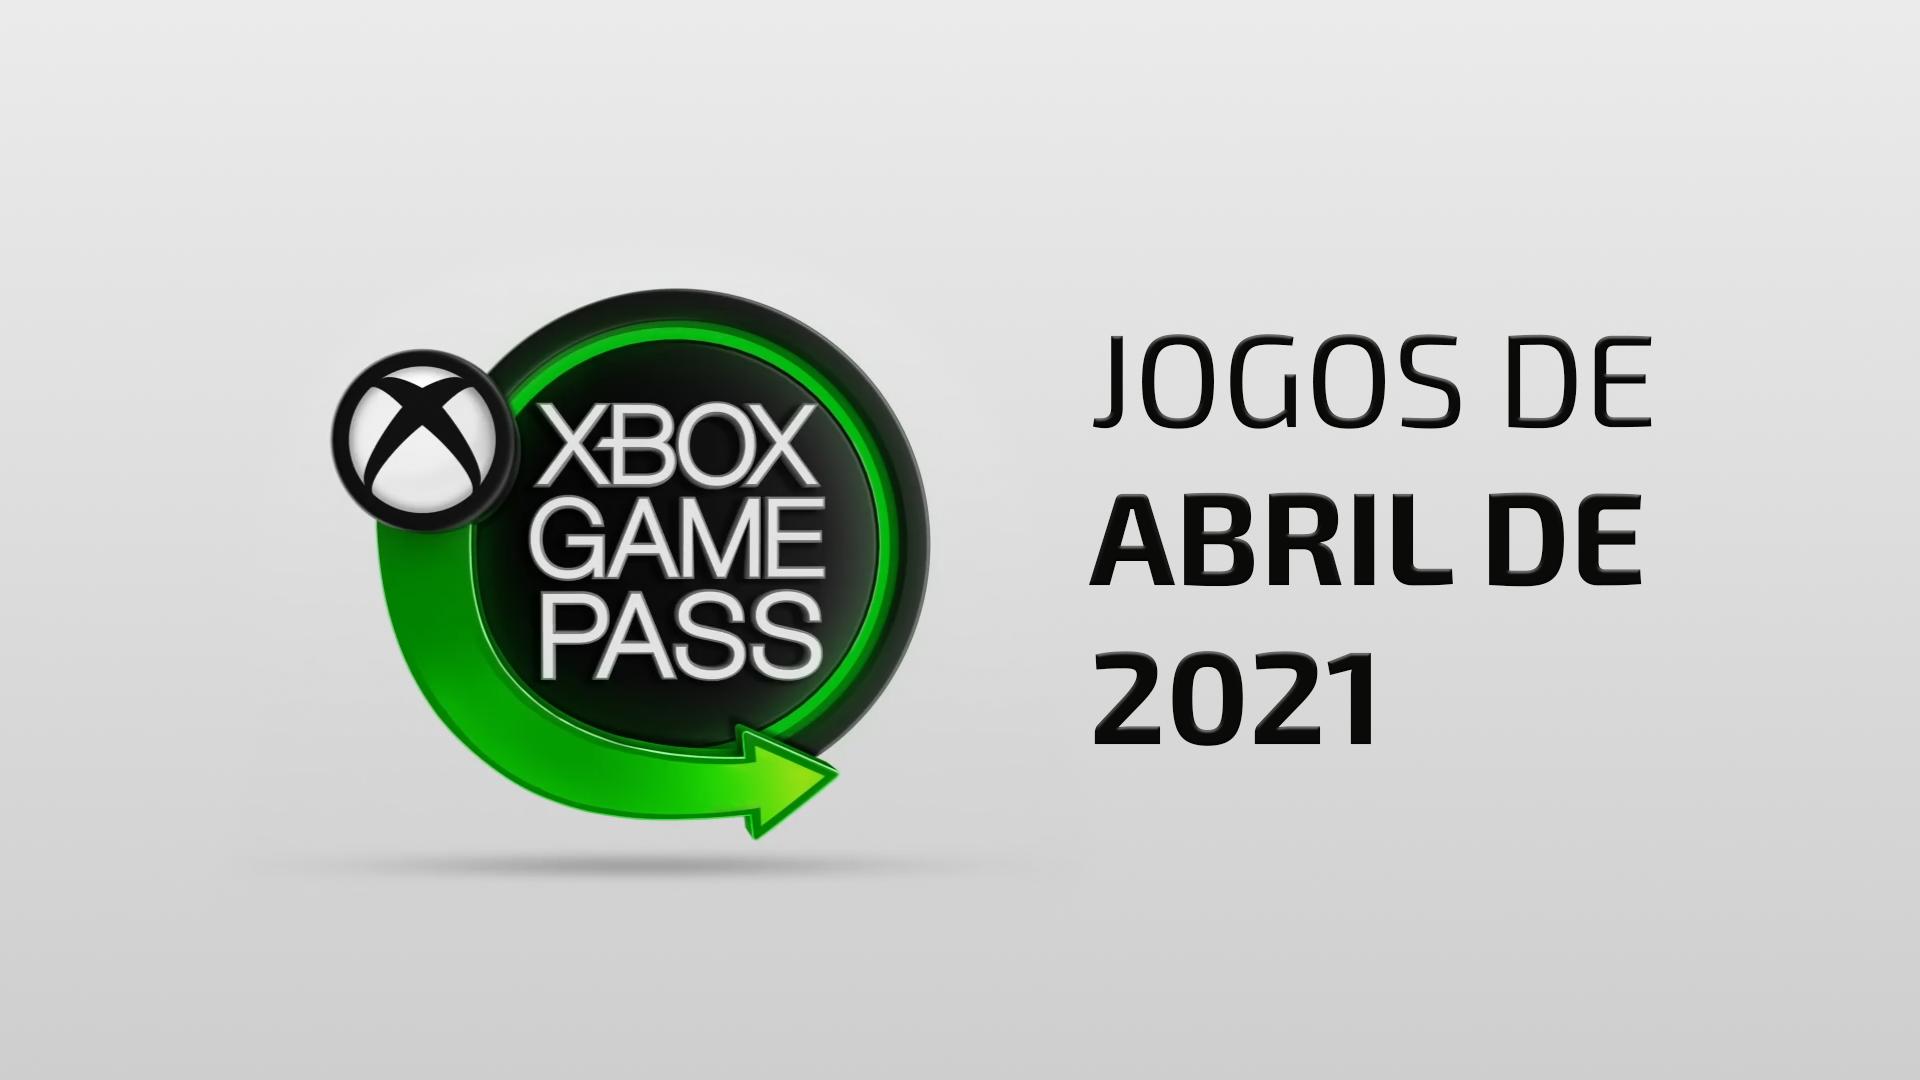 Jogos: 6 jogos chegam ao Xbox Game Pass em abril, 5 saem